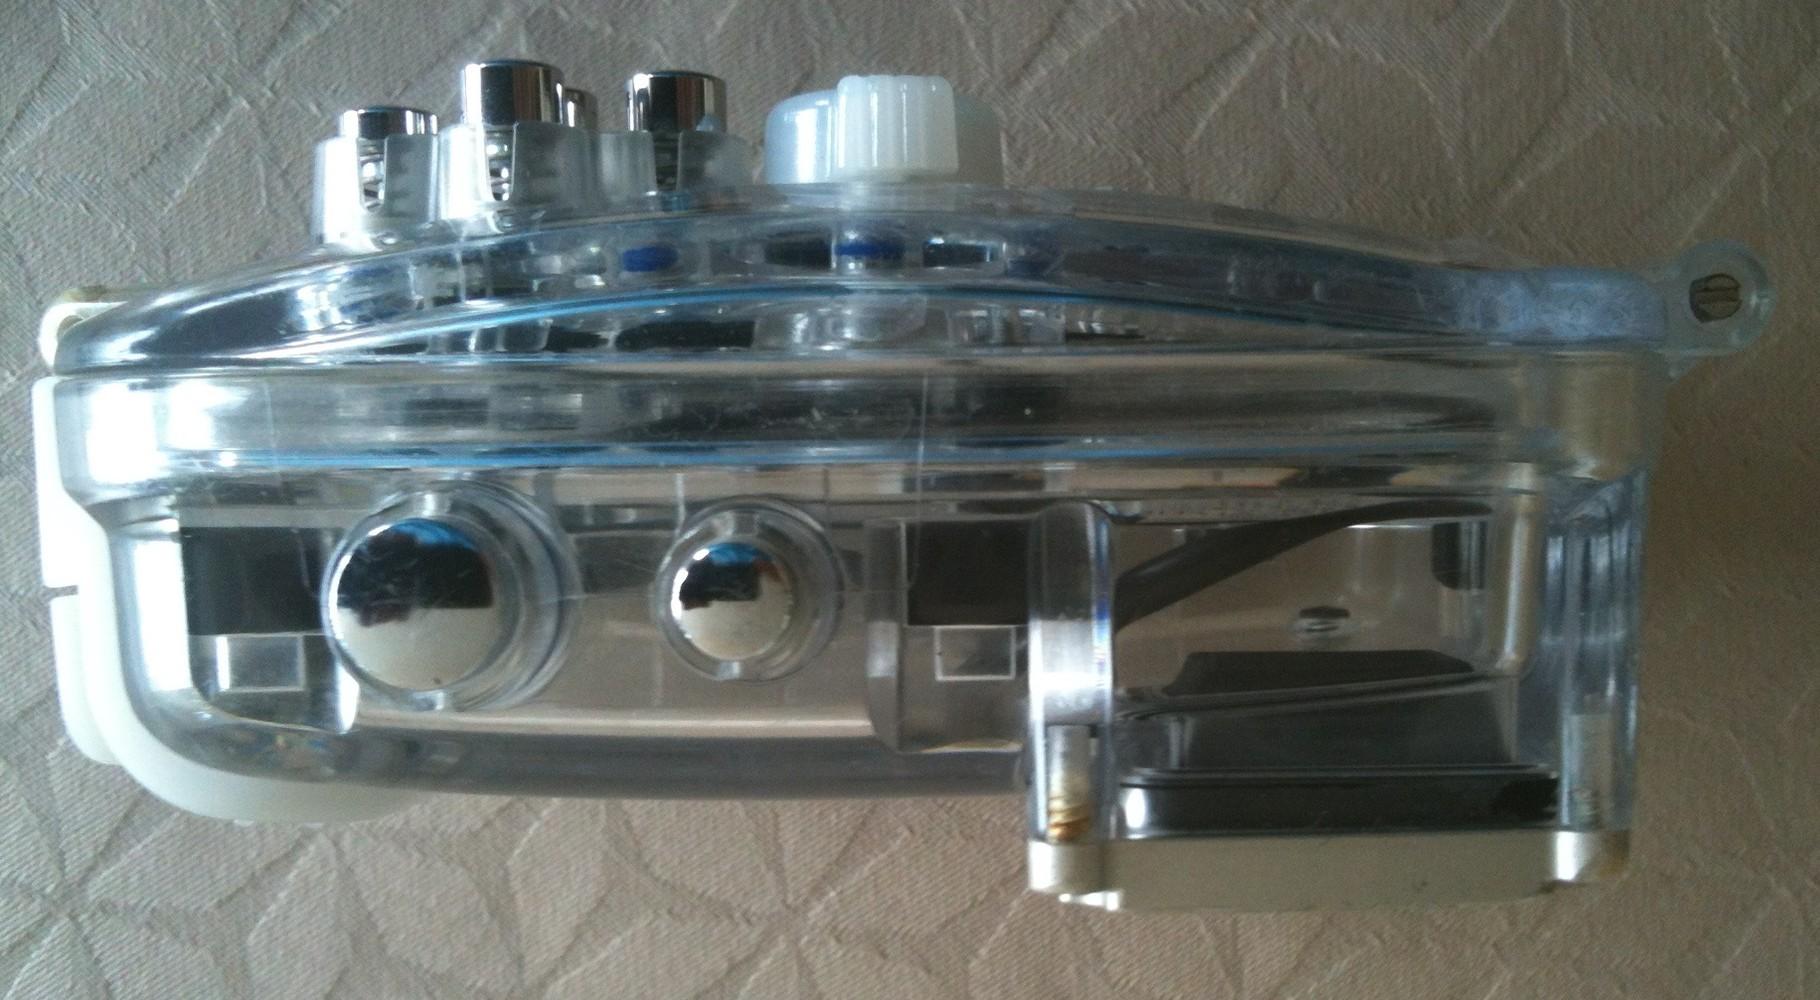 Boitier étanche MARINE CASE MC-DG100 pour appareil photo MINOLTA - Vue 3